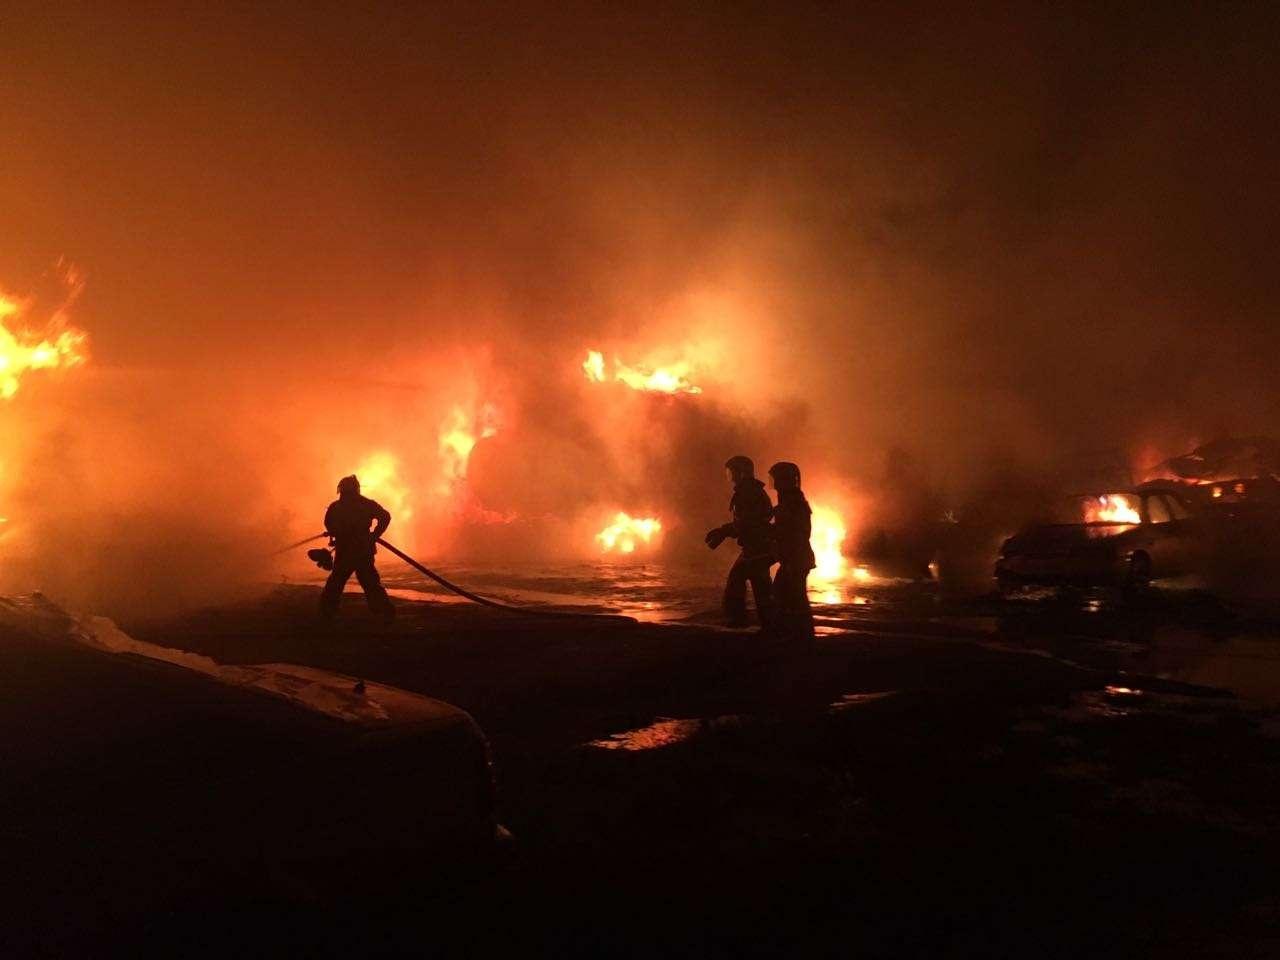 В пожаре полностью сгорели 45 автомобилей и часть крыши расположенного рядом со стоянкой мебельного цеха